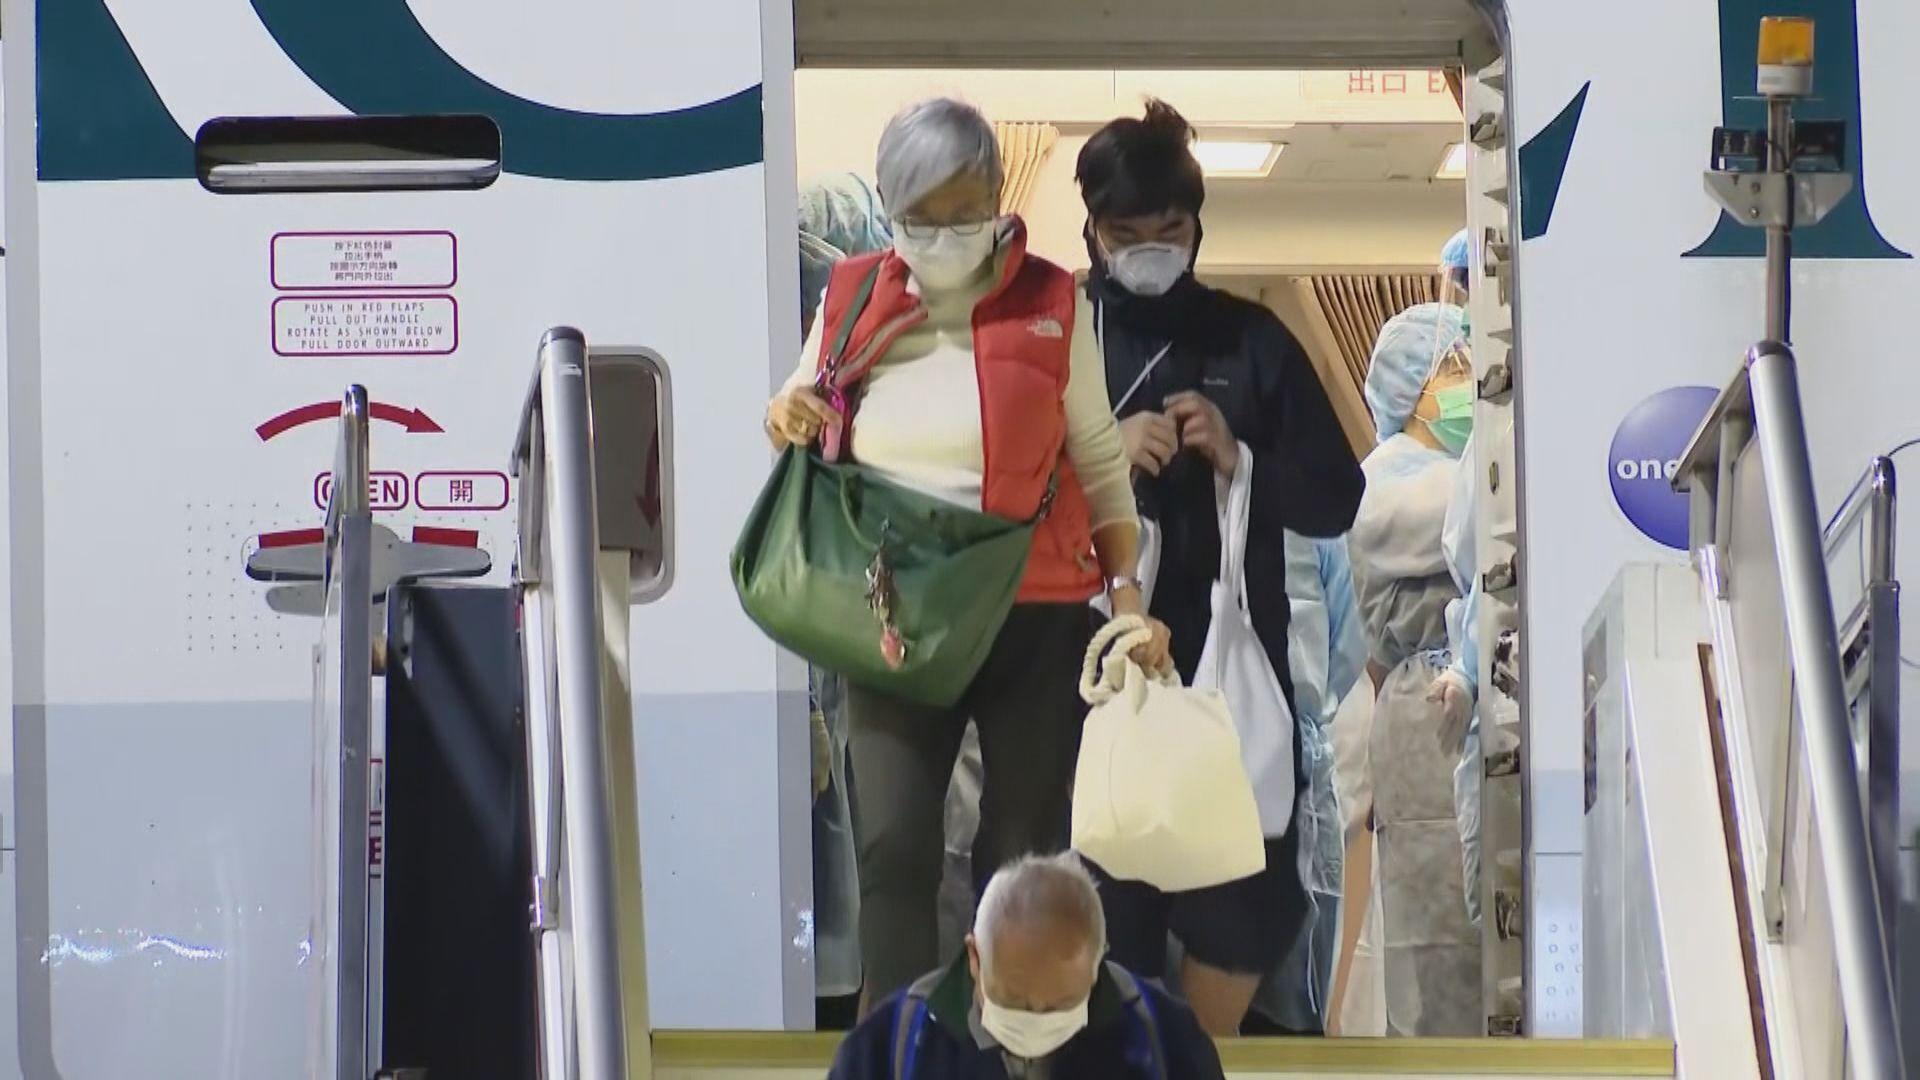 政府第三班包機清晨抵港 入境處:會派十人前往日本助確診者